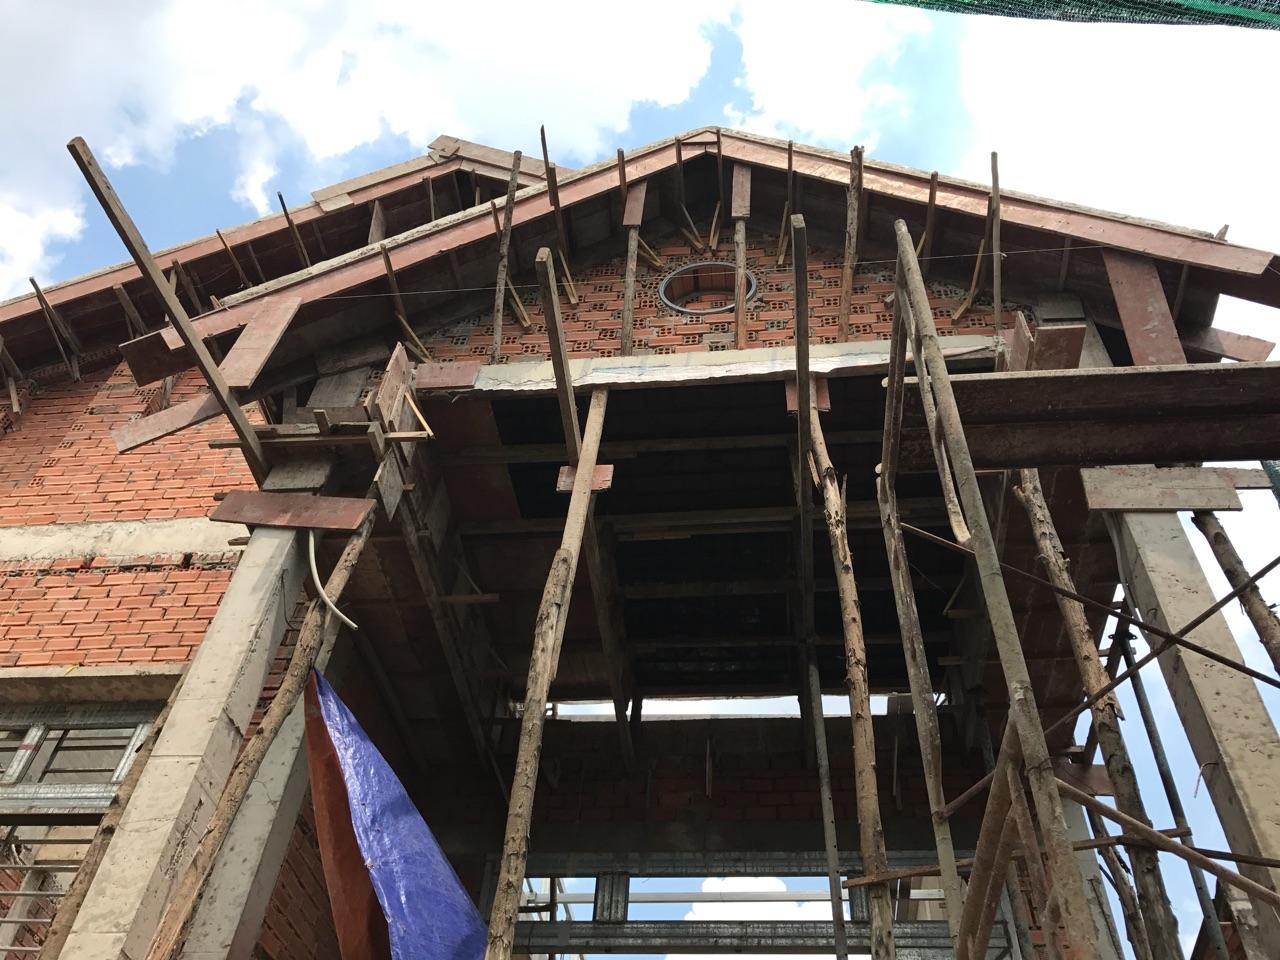 thi cong nha dep o bien hoa Hơn 30 mẫu thiết kế nhà đẹp ở Biên Hòa được Vinatrends chinh phục chủ đầu tư nhờ yếu tố gì?